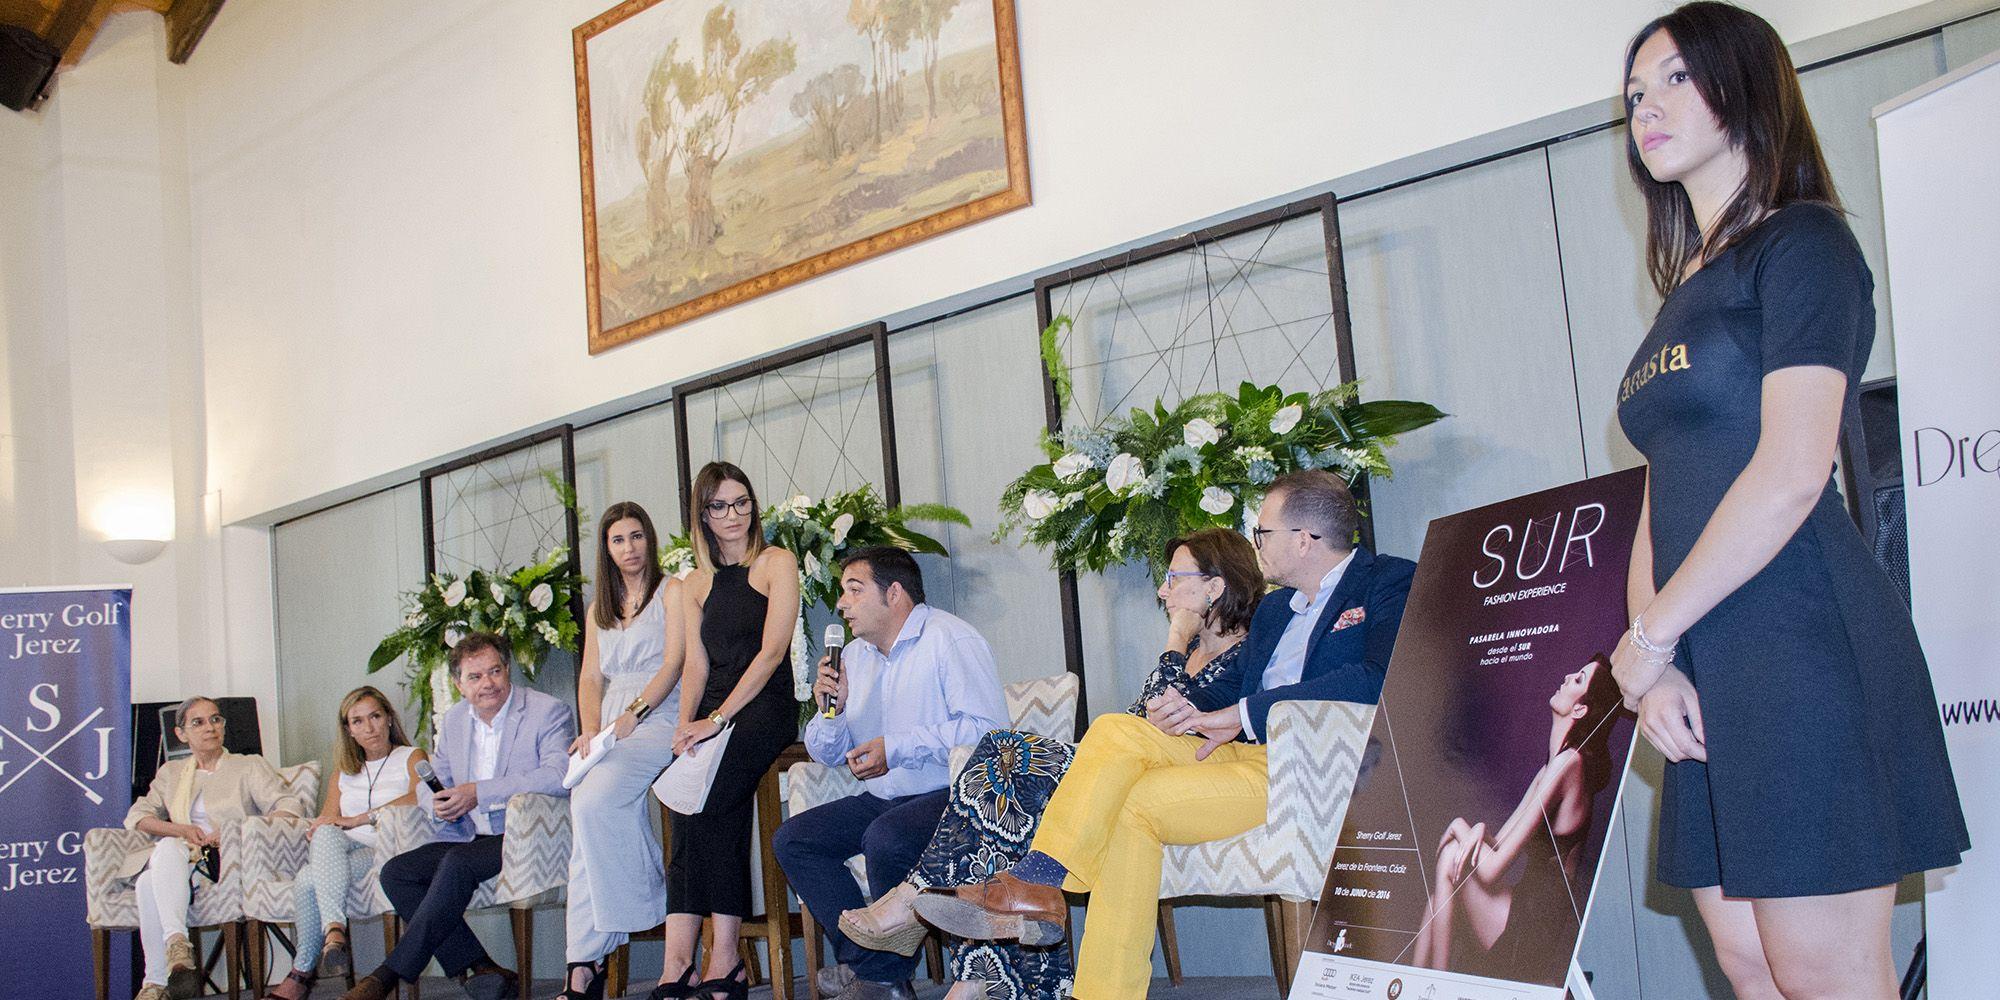 Charla-coloquio 'Sinergias entre moda, empresa y turismo' en la Sur Fashion Experience, 10 Junio 2016 | Noelia Herrera, de Jonocla Fotografía, para MIRA Jerez